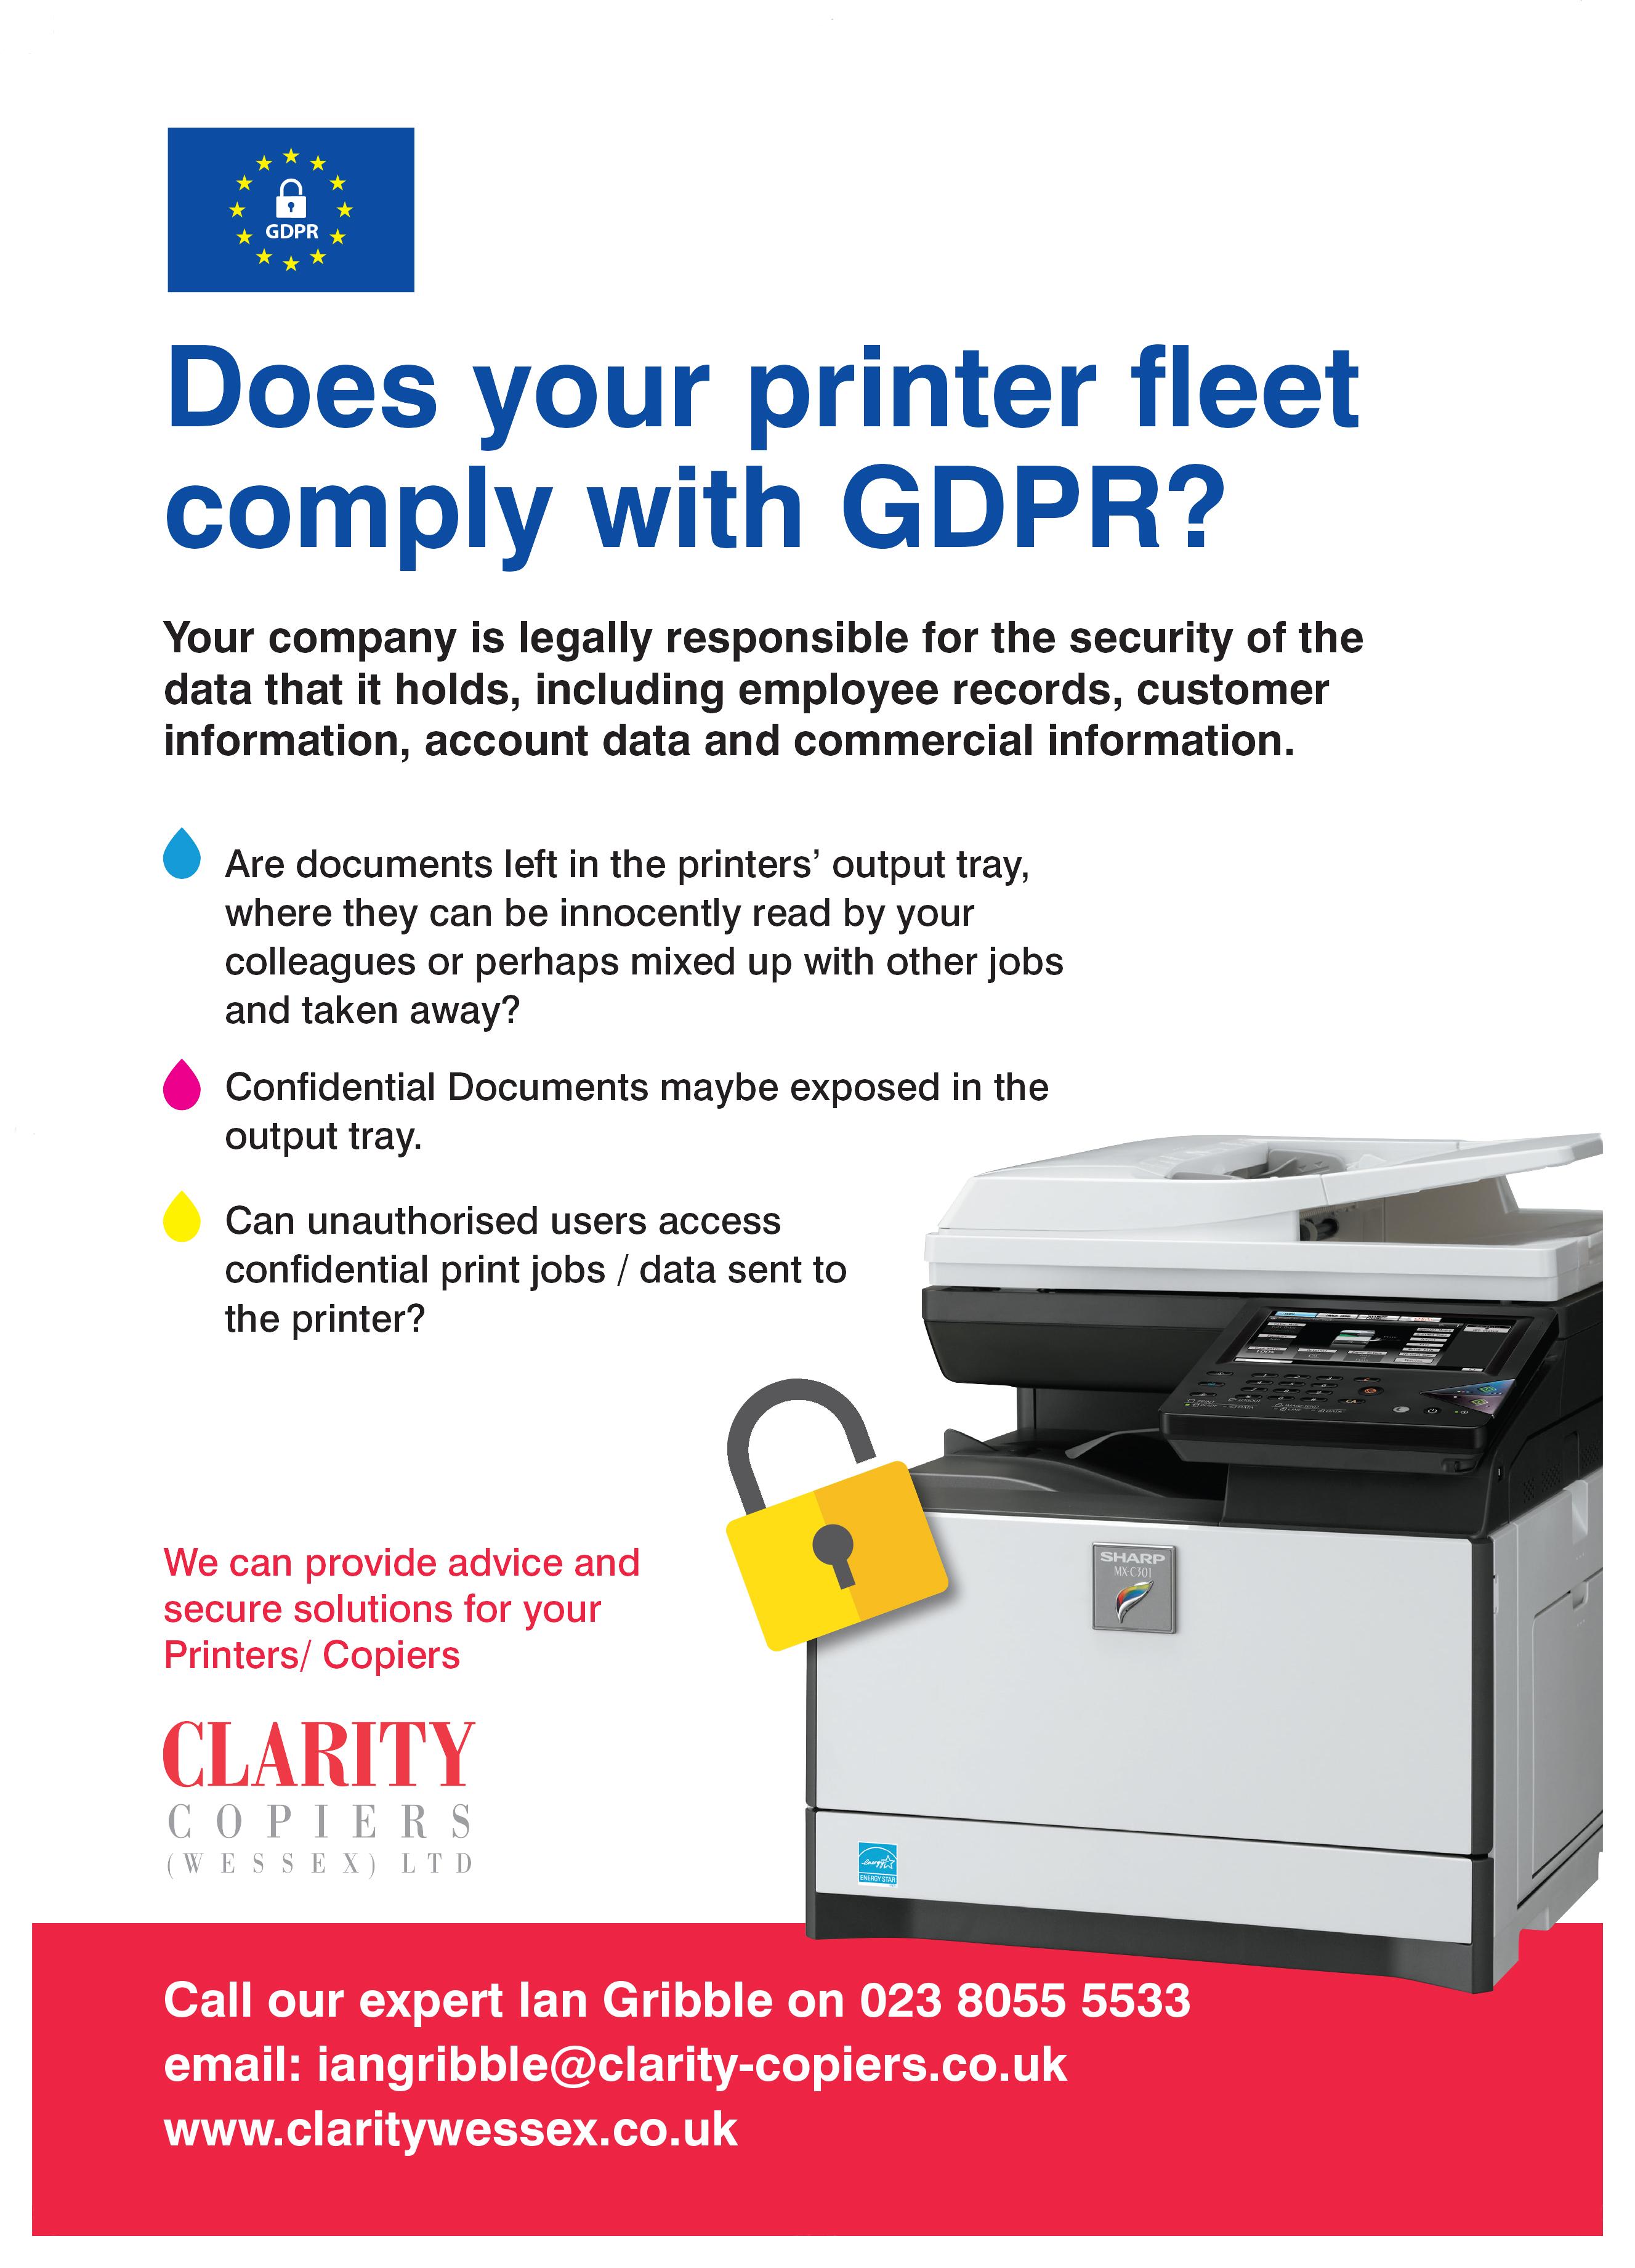 Clarity Copiers Wessex LTD GDPR leaflet